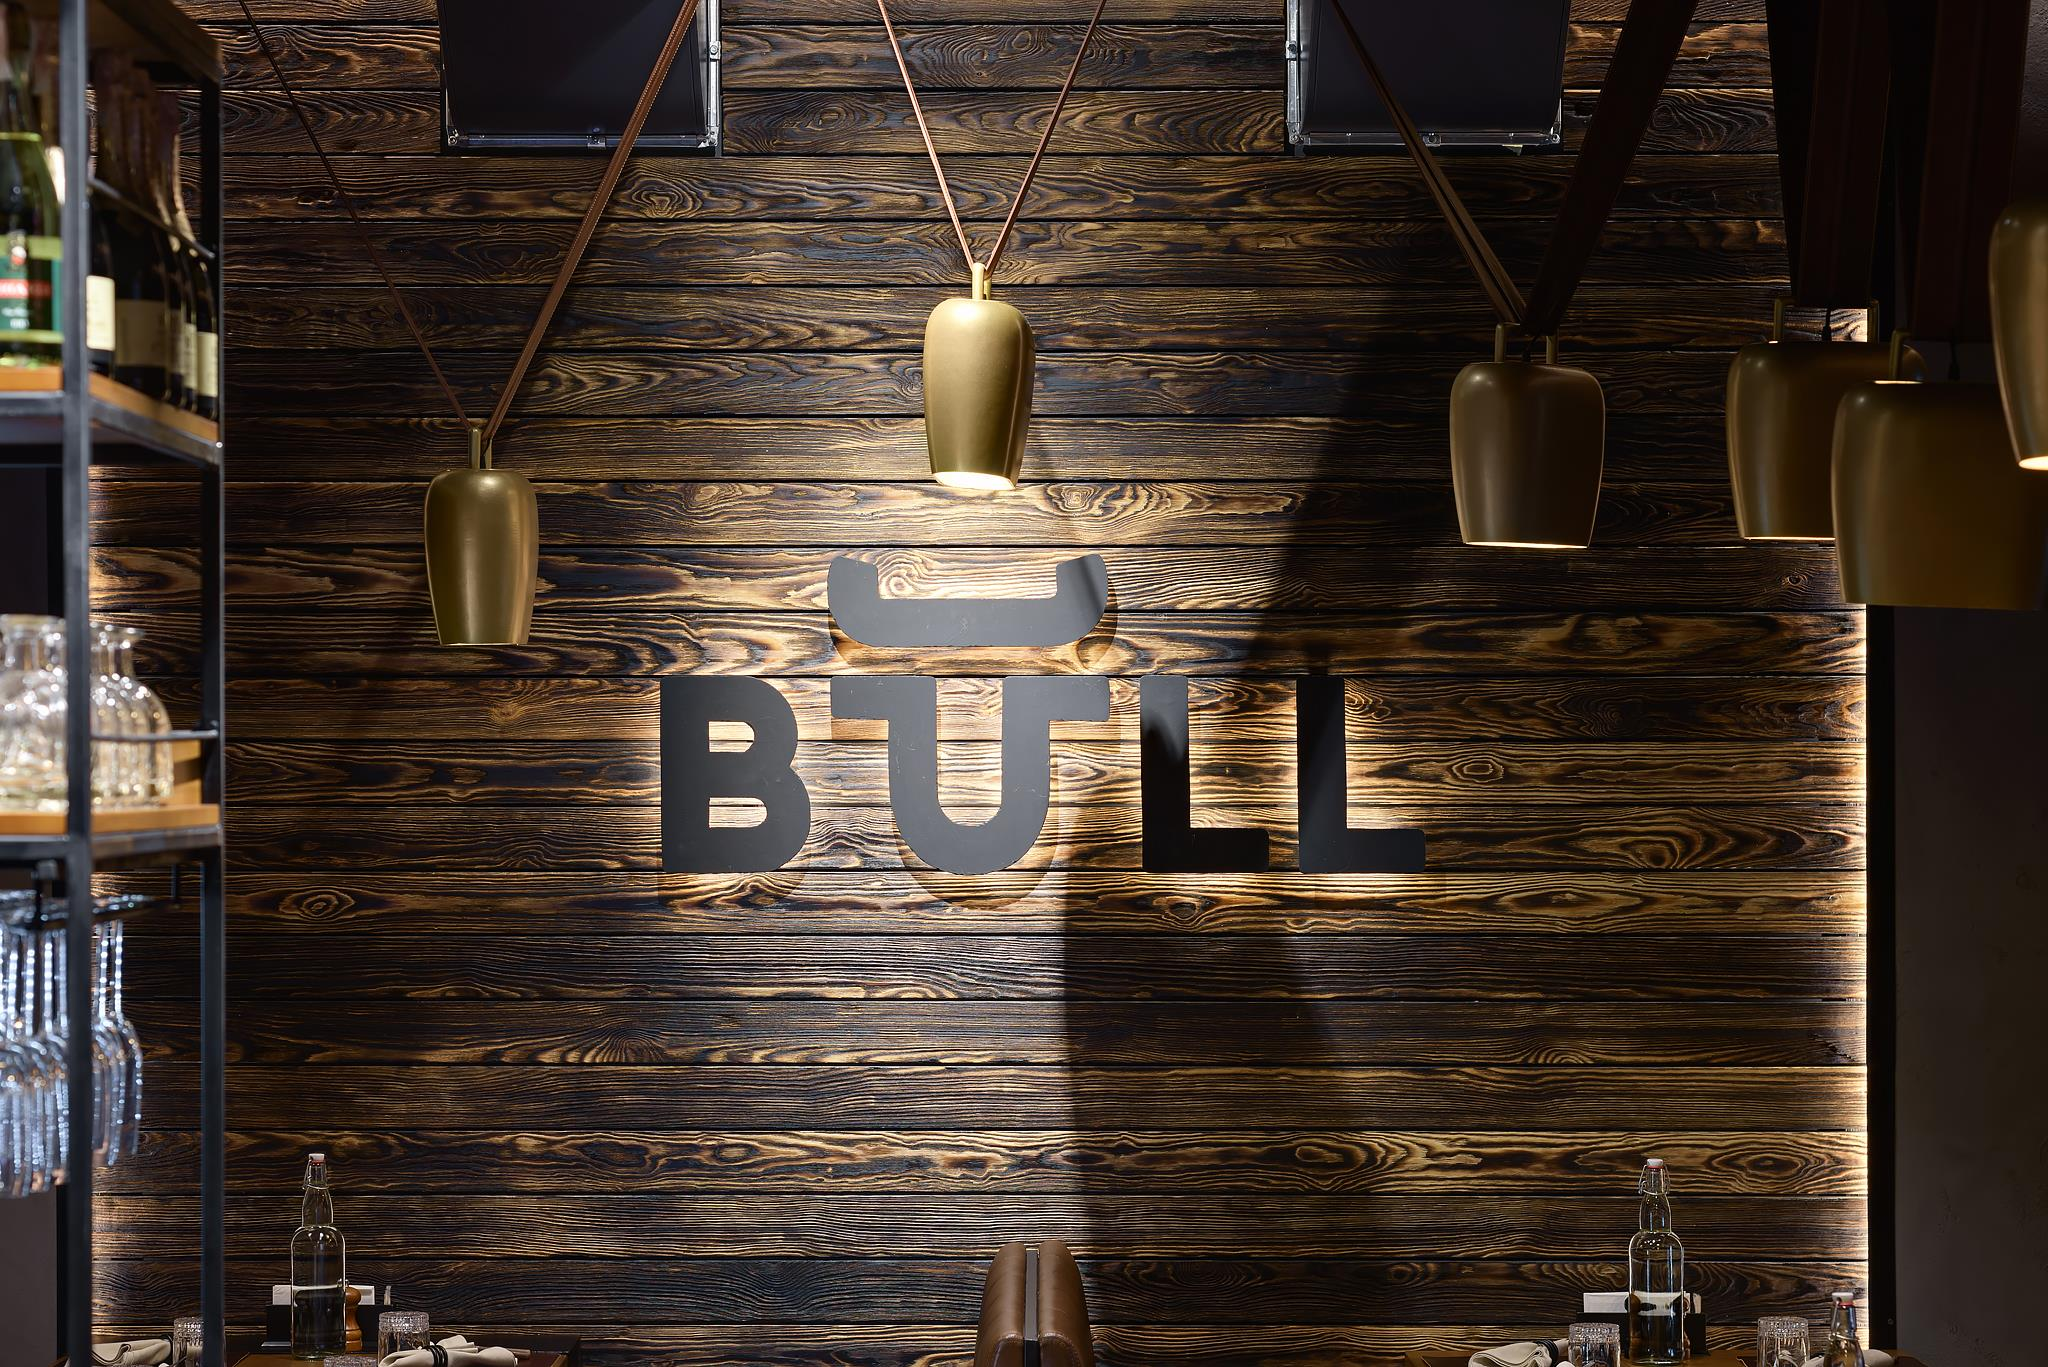 BULL_034